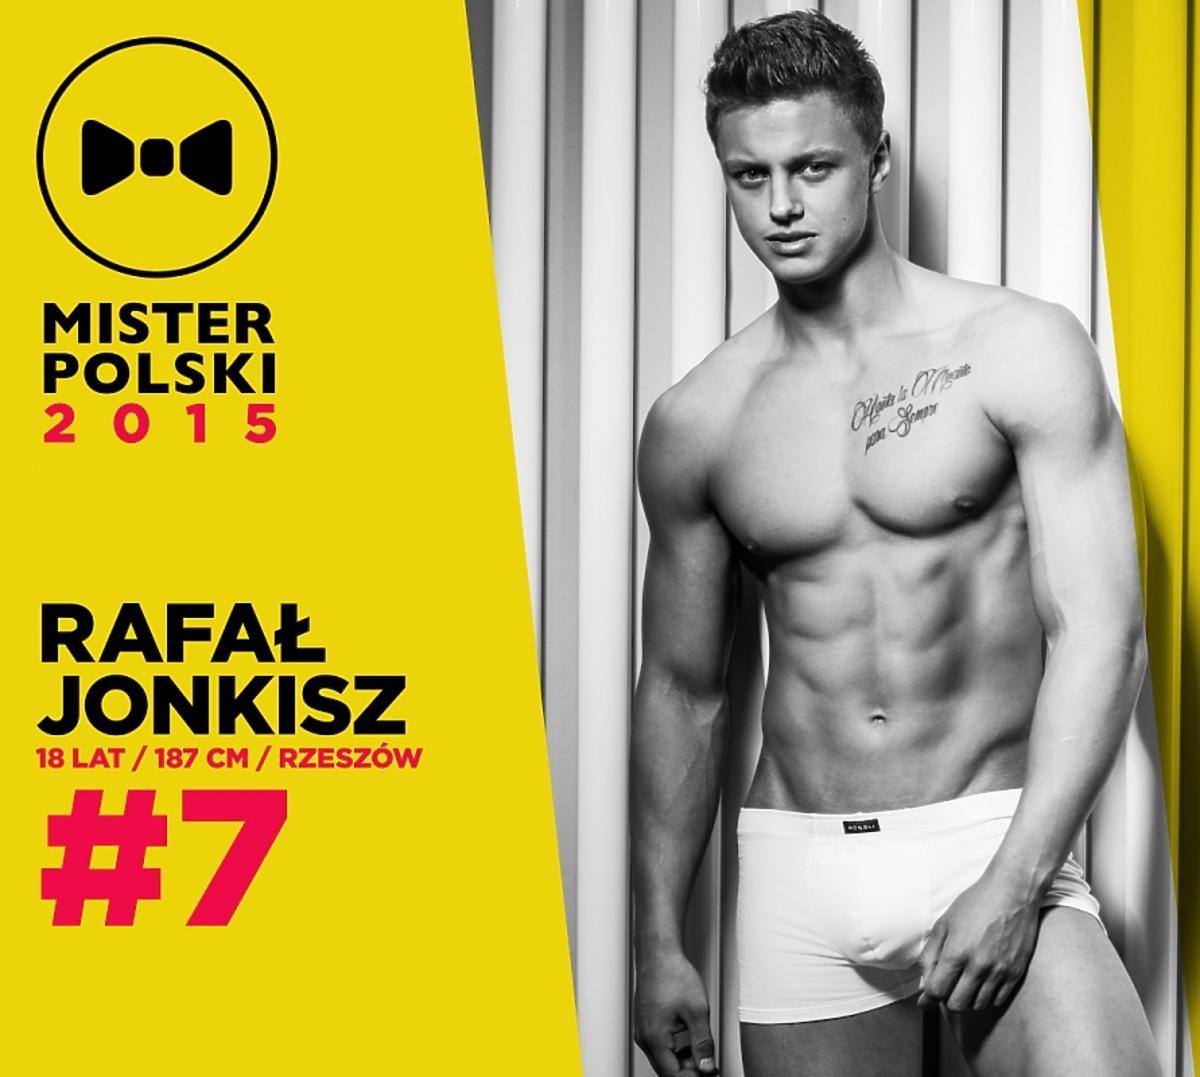 Rafał Jonkisz - kandydat do tytułu Mister Polski 2015